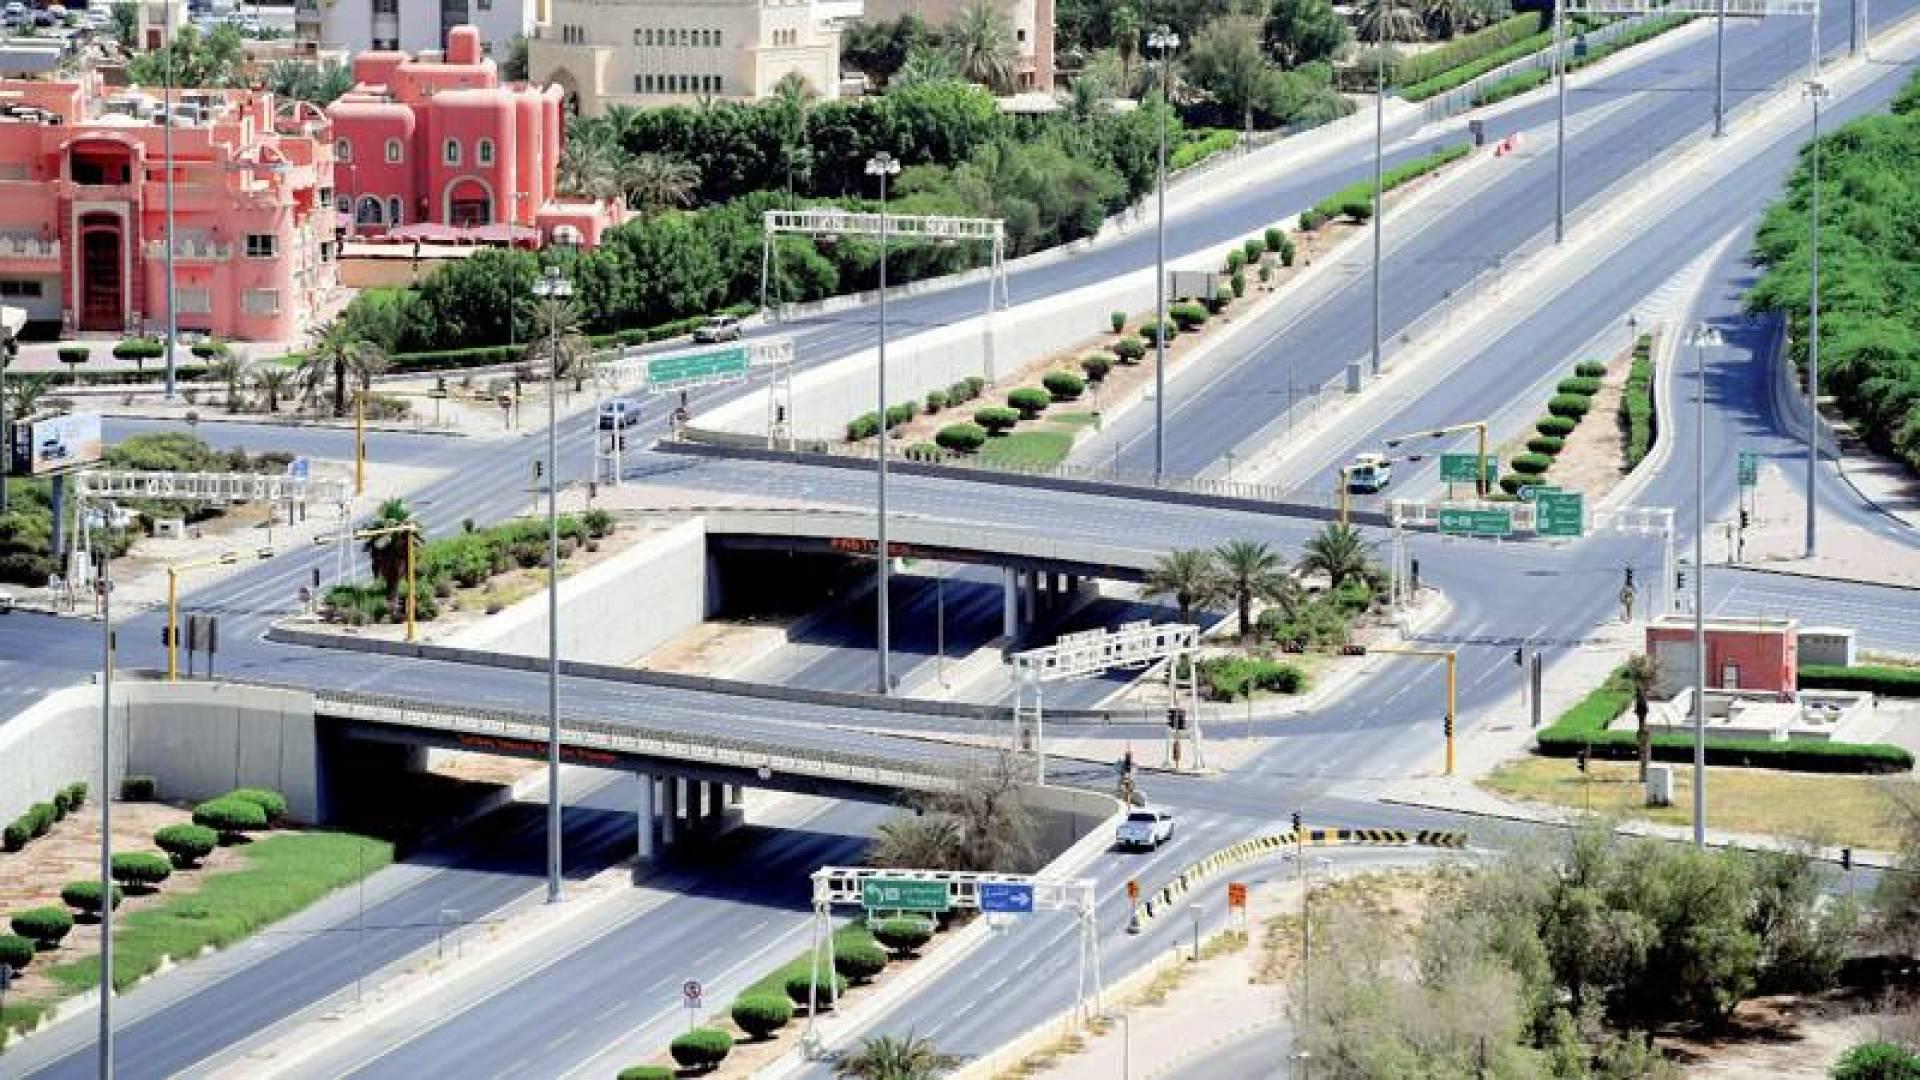 الشوارع خالية التزاماً بقرار الحظر الشامل ) تصوير: بسام زيدان(